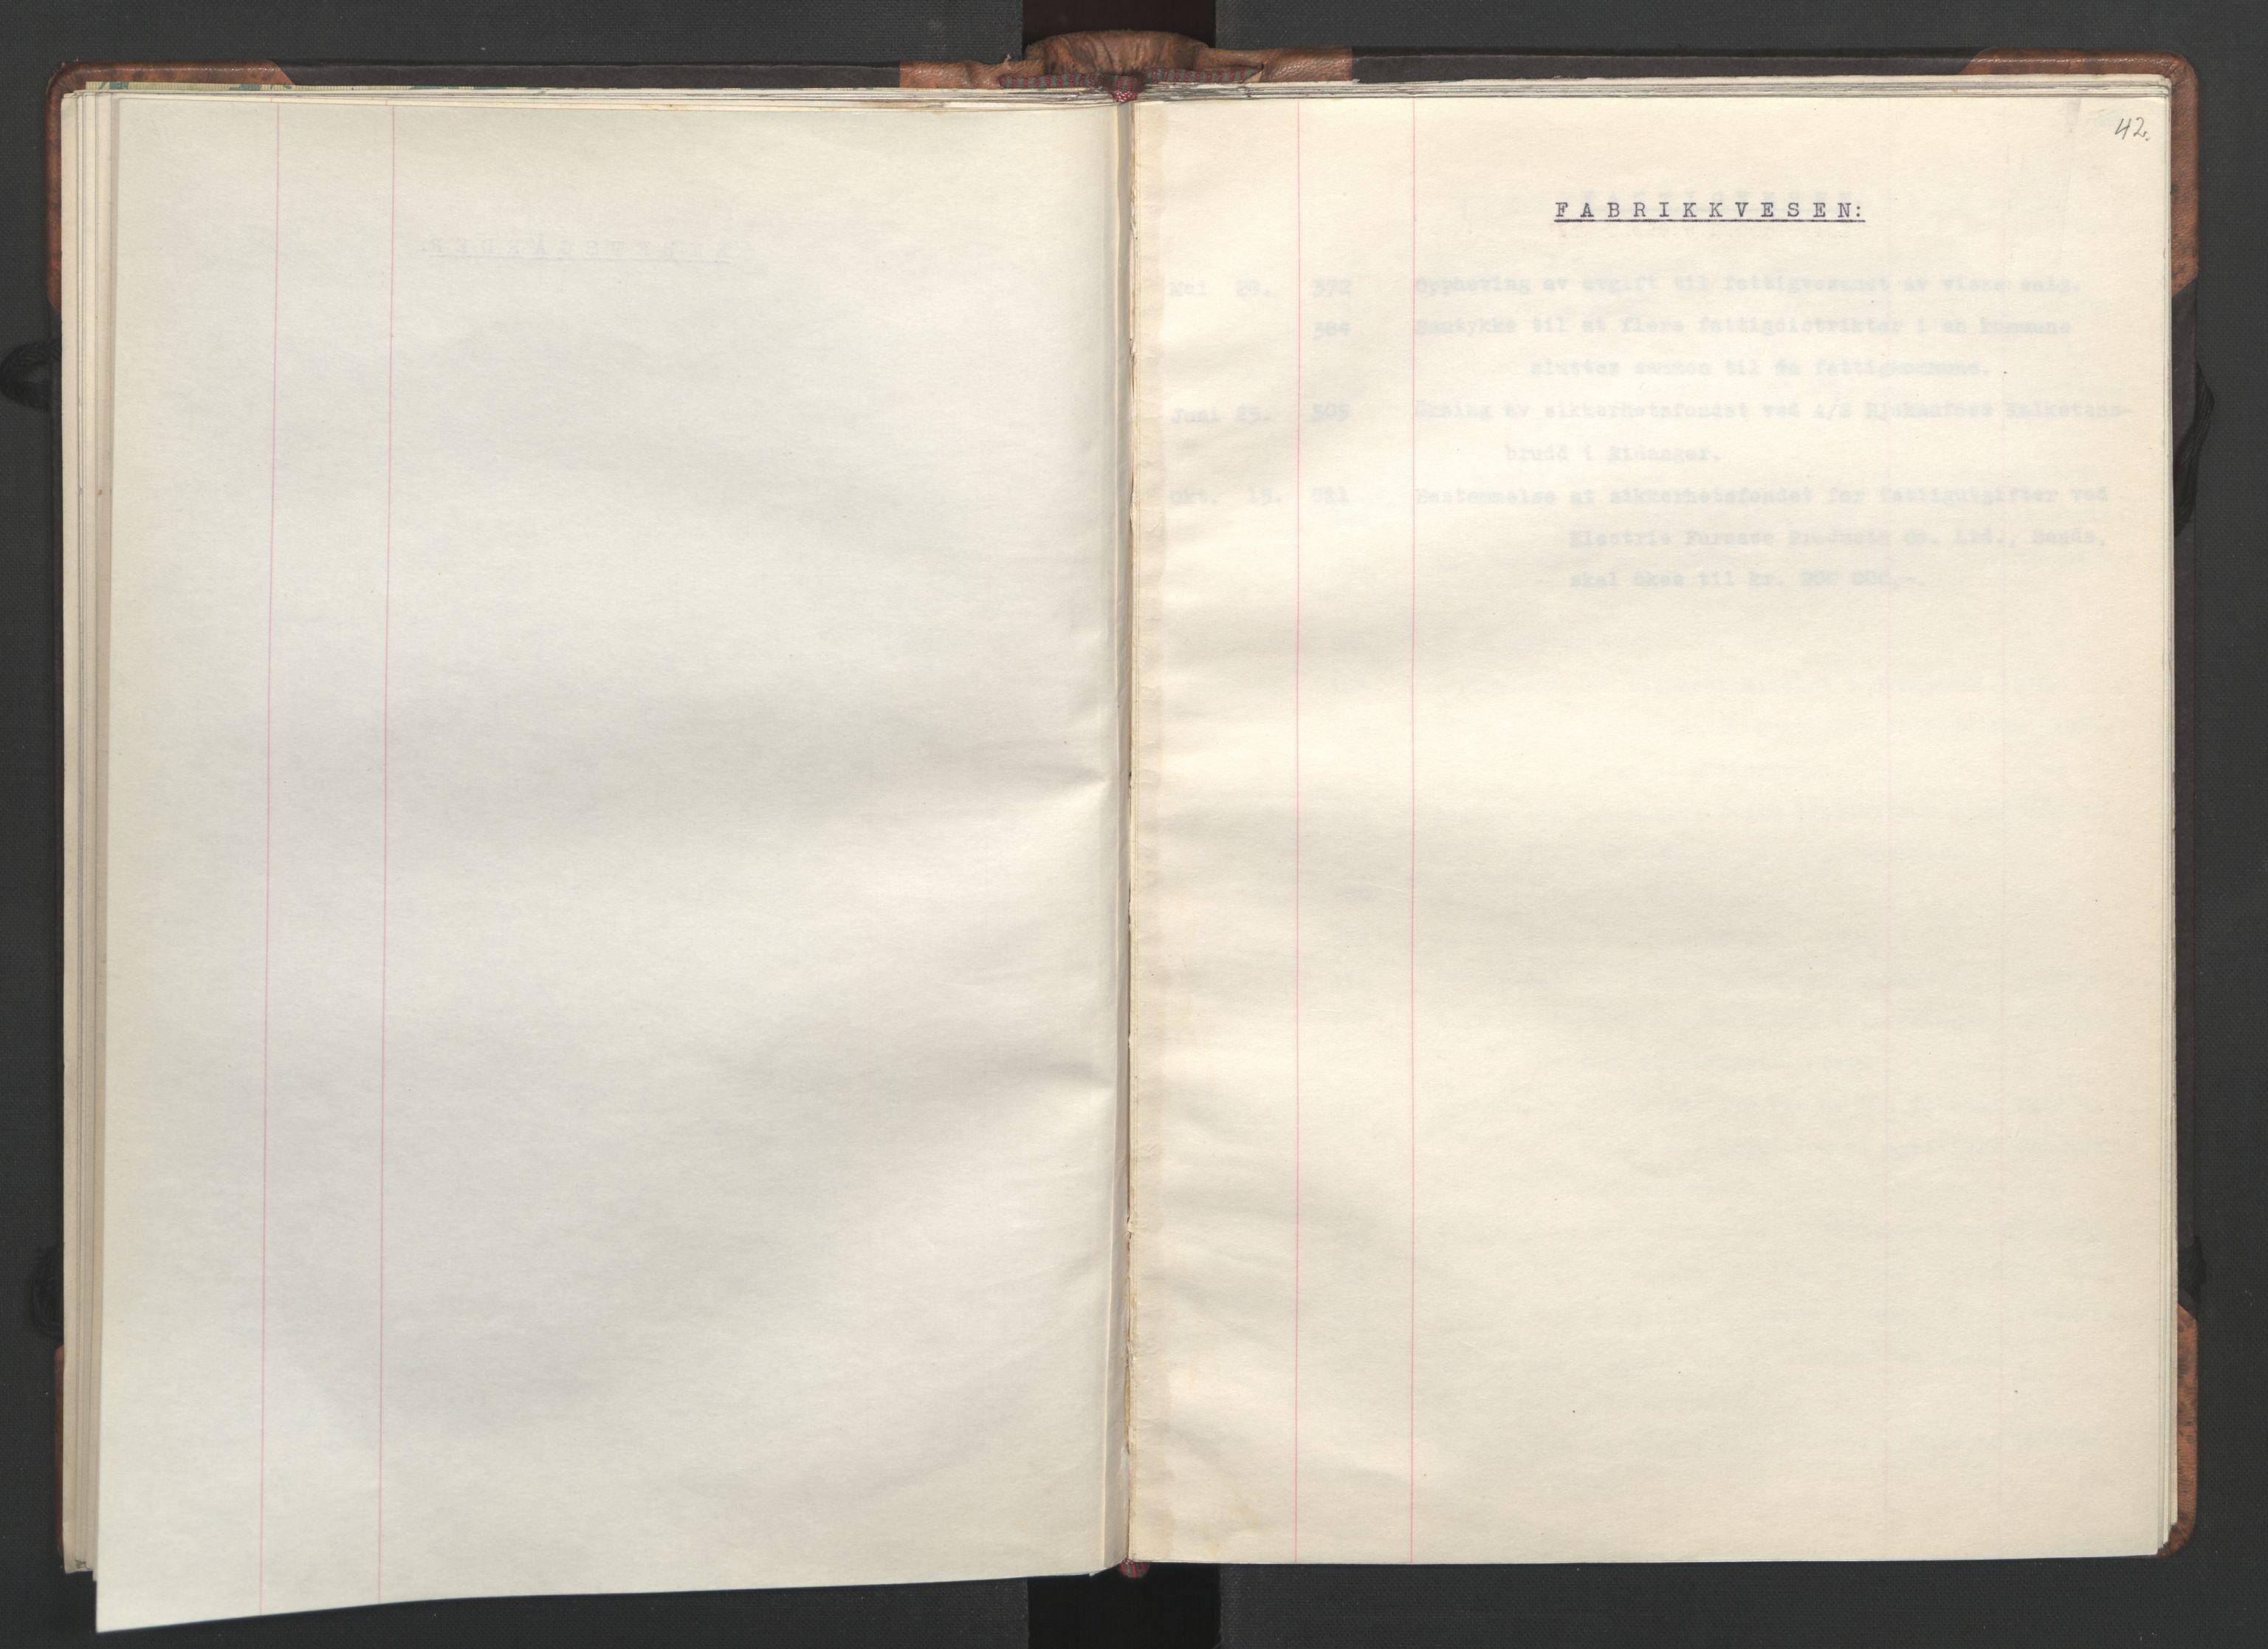 RA, NS-administrasjonen 1940-1945 (Statsrådsekretariatet, de kommisariske statsråder mm), D/Da/L0002: Register (RA j.nr. 985/1943, tilgangsnr. 17/1943), 1942, s. 41b-42a